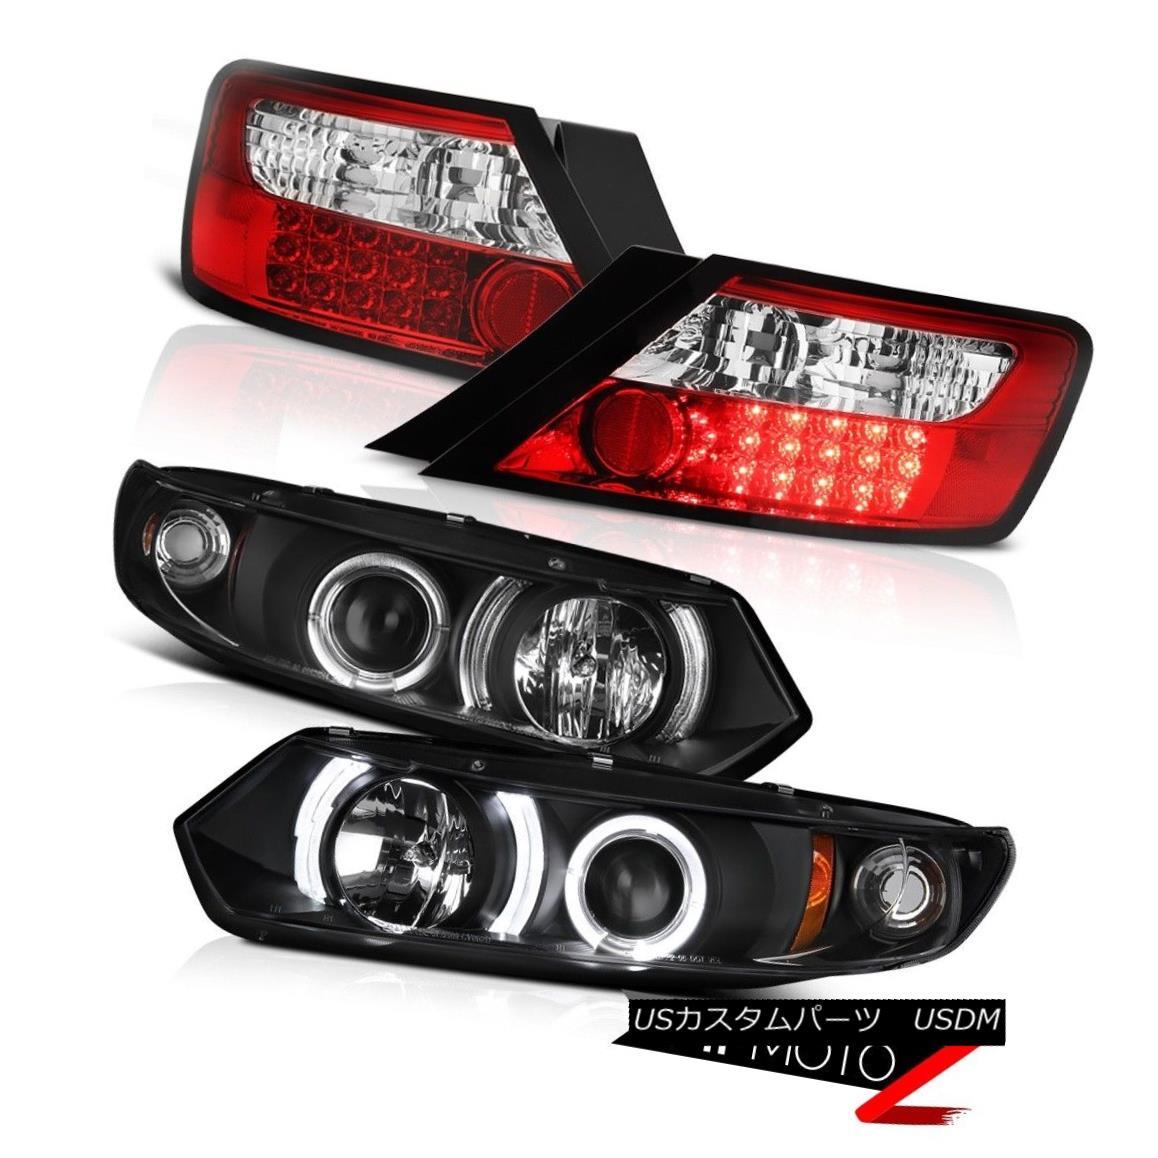 テールライト 06-11 Civic Coupe Mugen Style Black Projector Headlights LED Brake Tail Lights 06-11シビッククーペミュゲスタイルブラックプロジェクターヘッドライトLEDブレーキテールライト